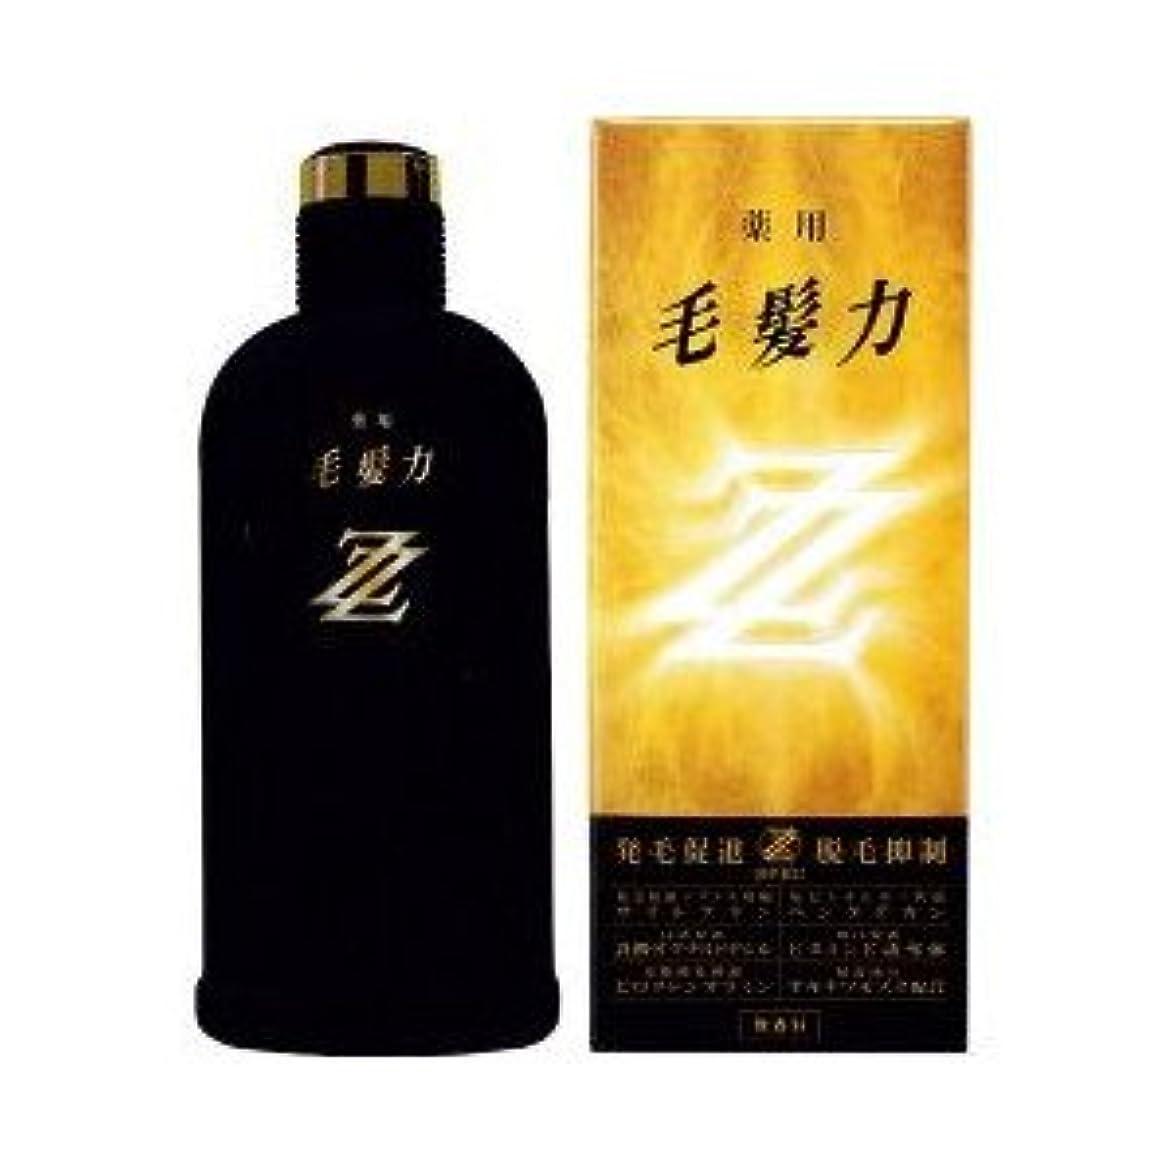 自由破壊的異形ライオン 薬用毛髪力ZZ 無香料 200ML